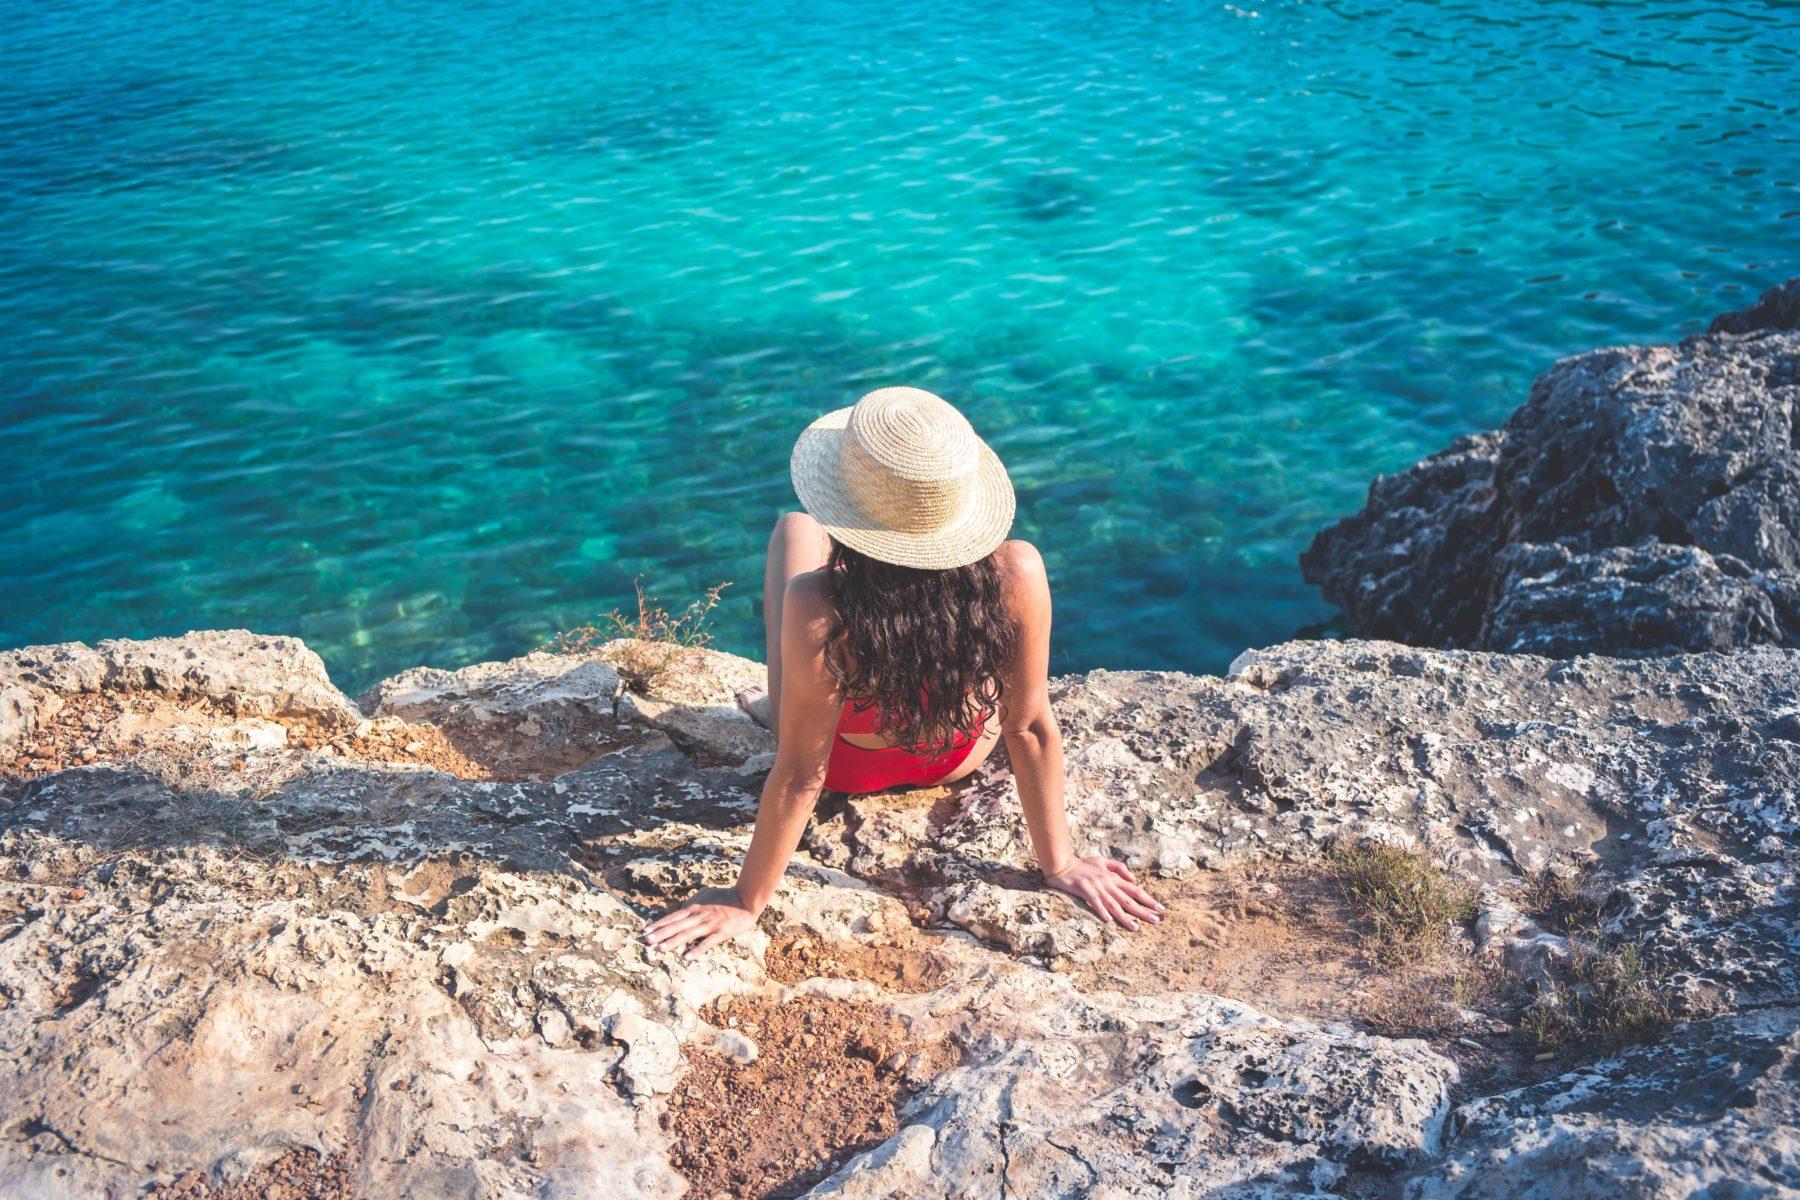 Eine Frau am Strand von Mallorca.